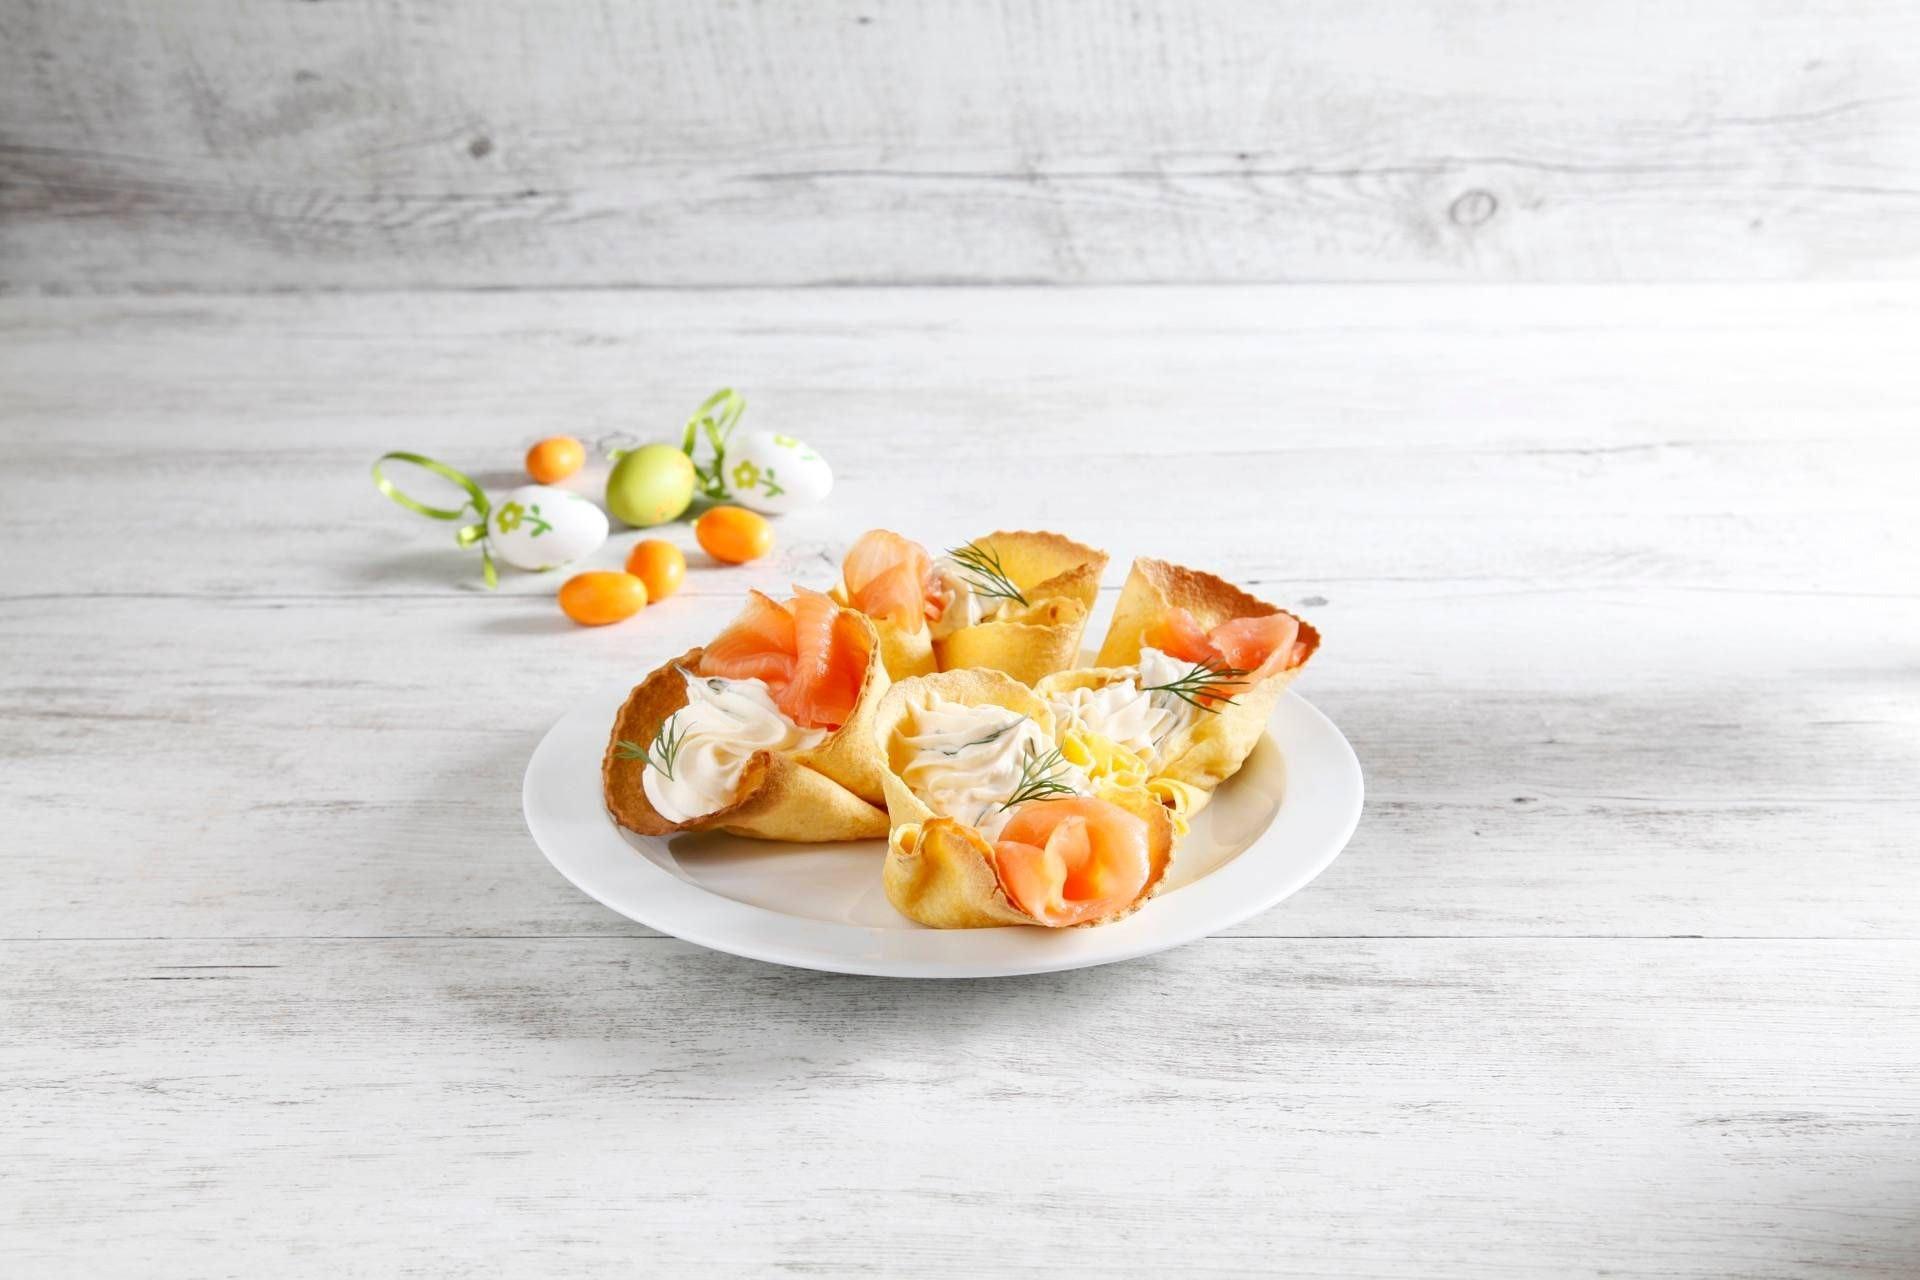 Ciotoline di Tortillas al Salmone Affumicato - Parmalat